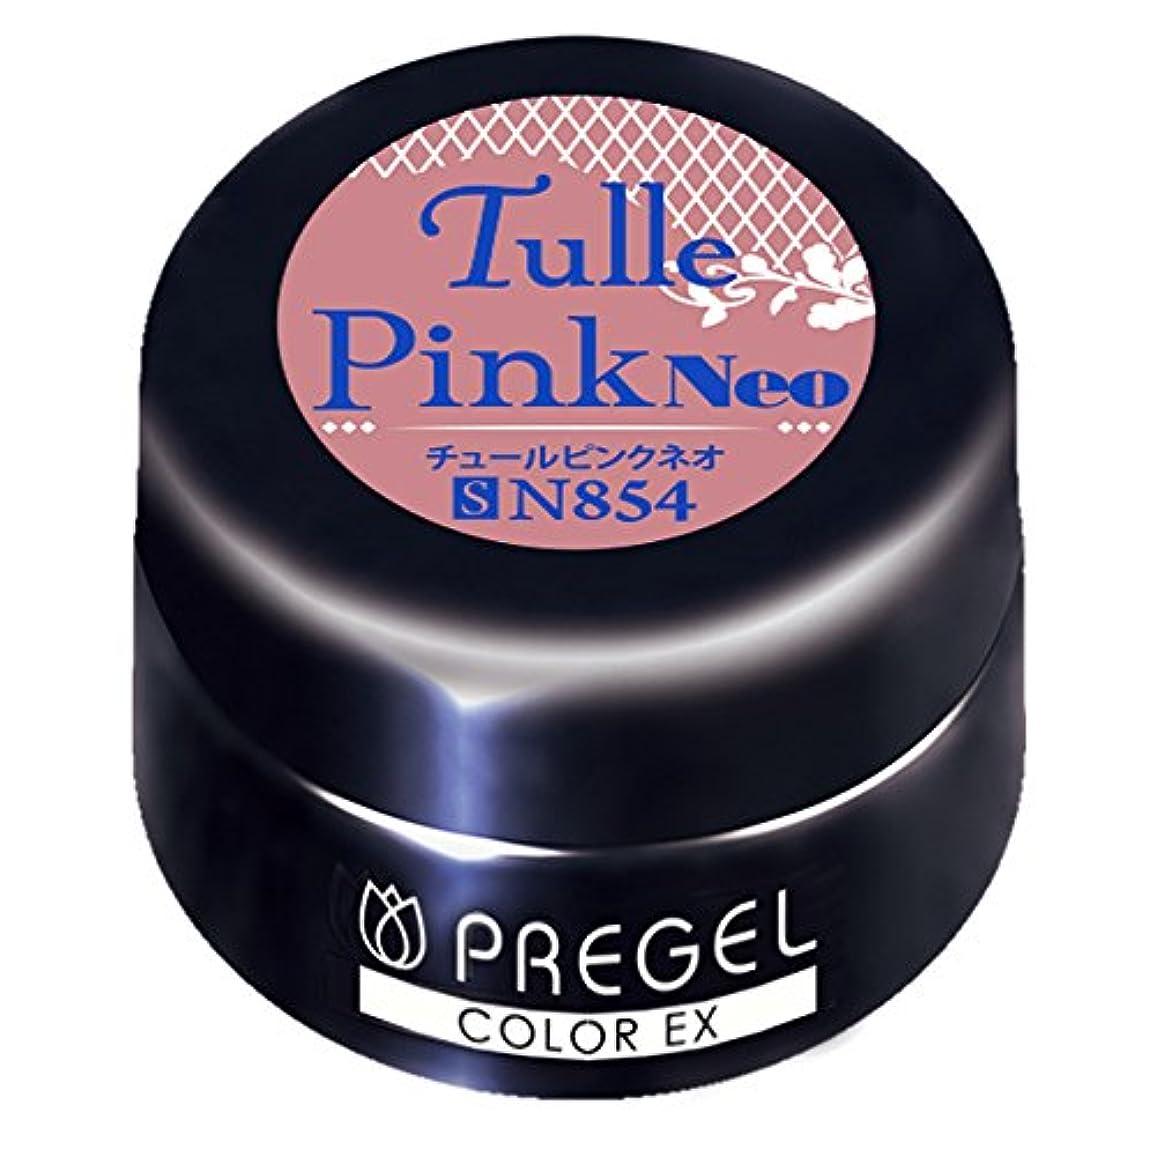 踏みつけ仮説製品PRE GEL カラーEX チュールピンクneo854 3g UV/LED対応